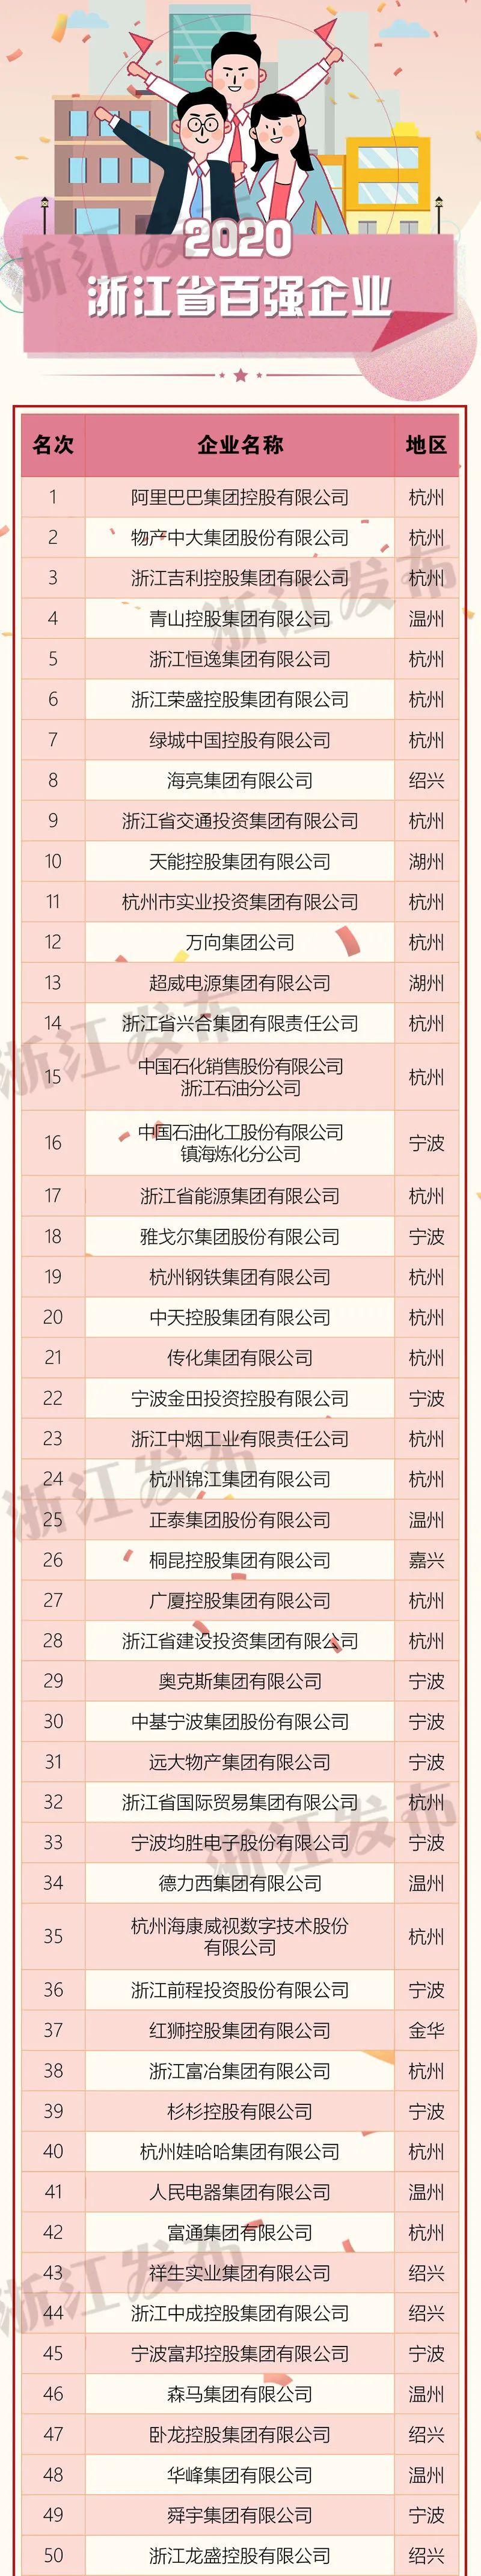 2020浙江省百强企业榜单出炉!20家企业营业收入超千亿元图片